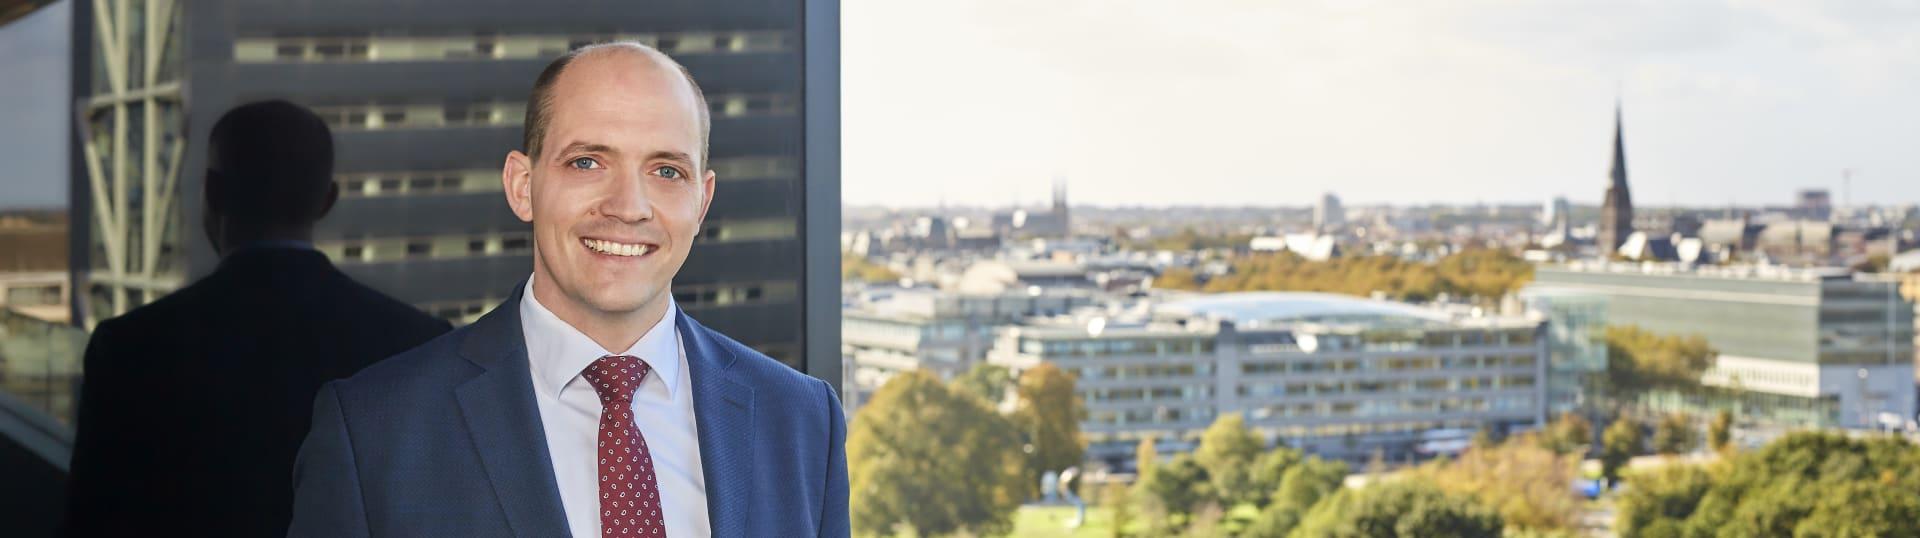 Peter Mauser, advocaat Pels Rijcken